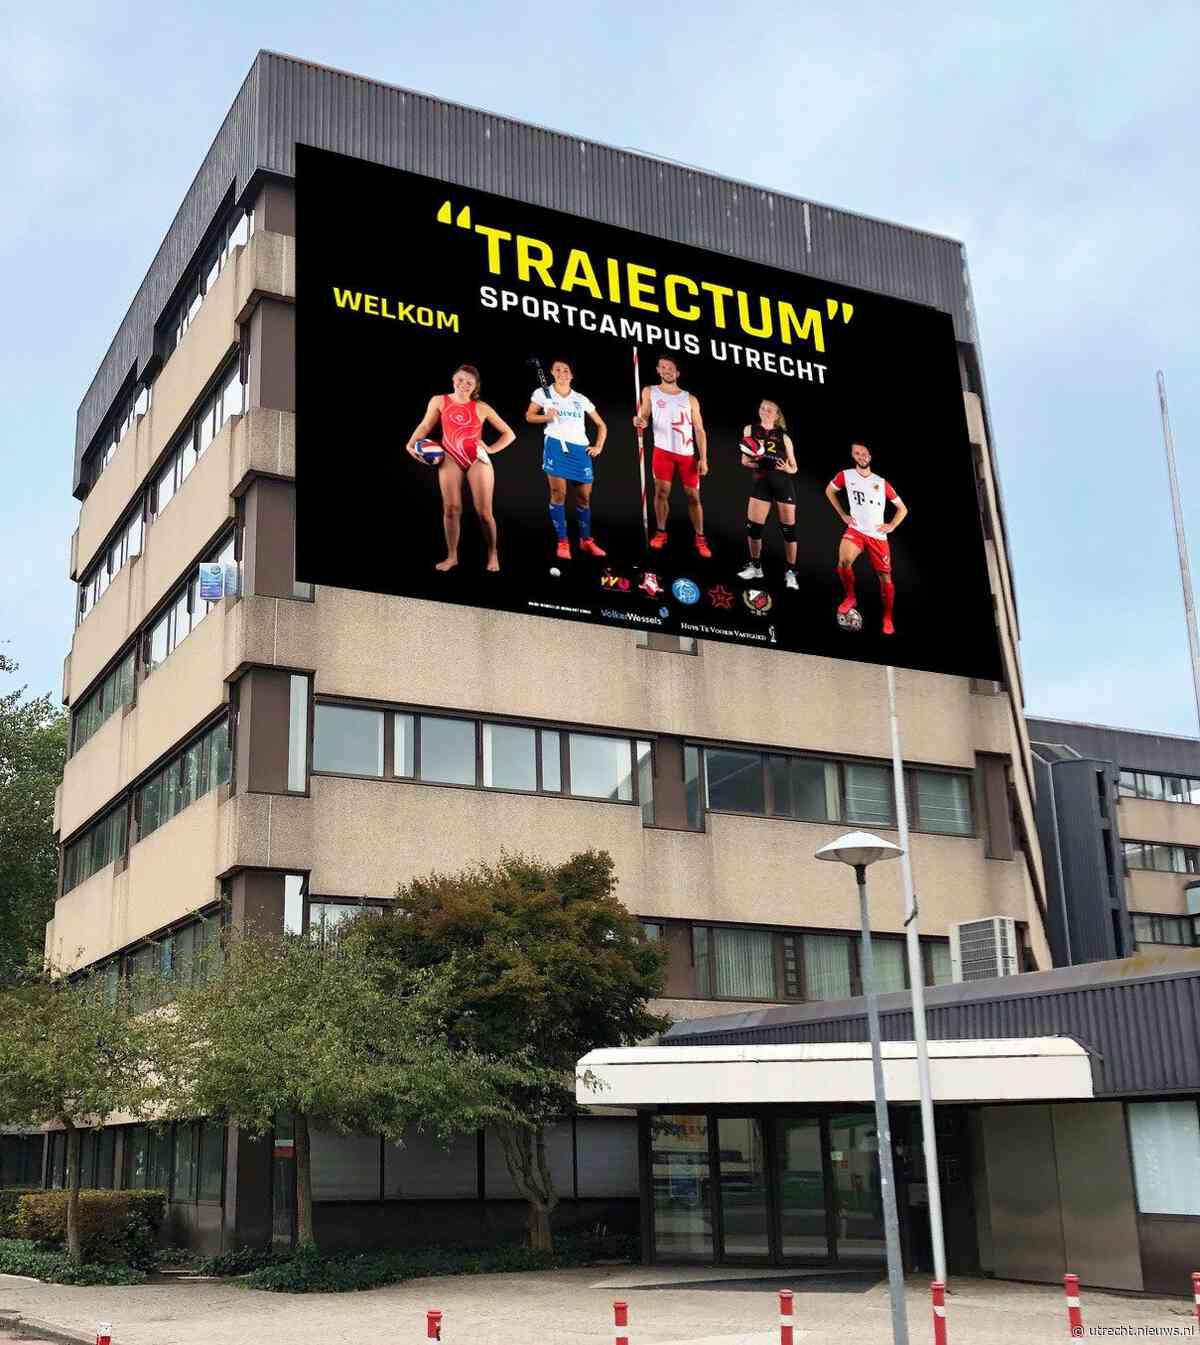 Traiectum wordt de naam van de Sportcampus in Maarschalkerweerd - Utrecht - Nieuws.nl